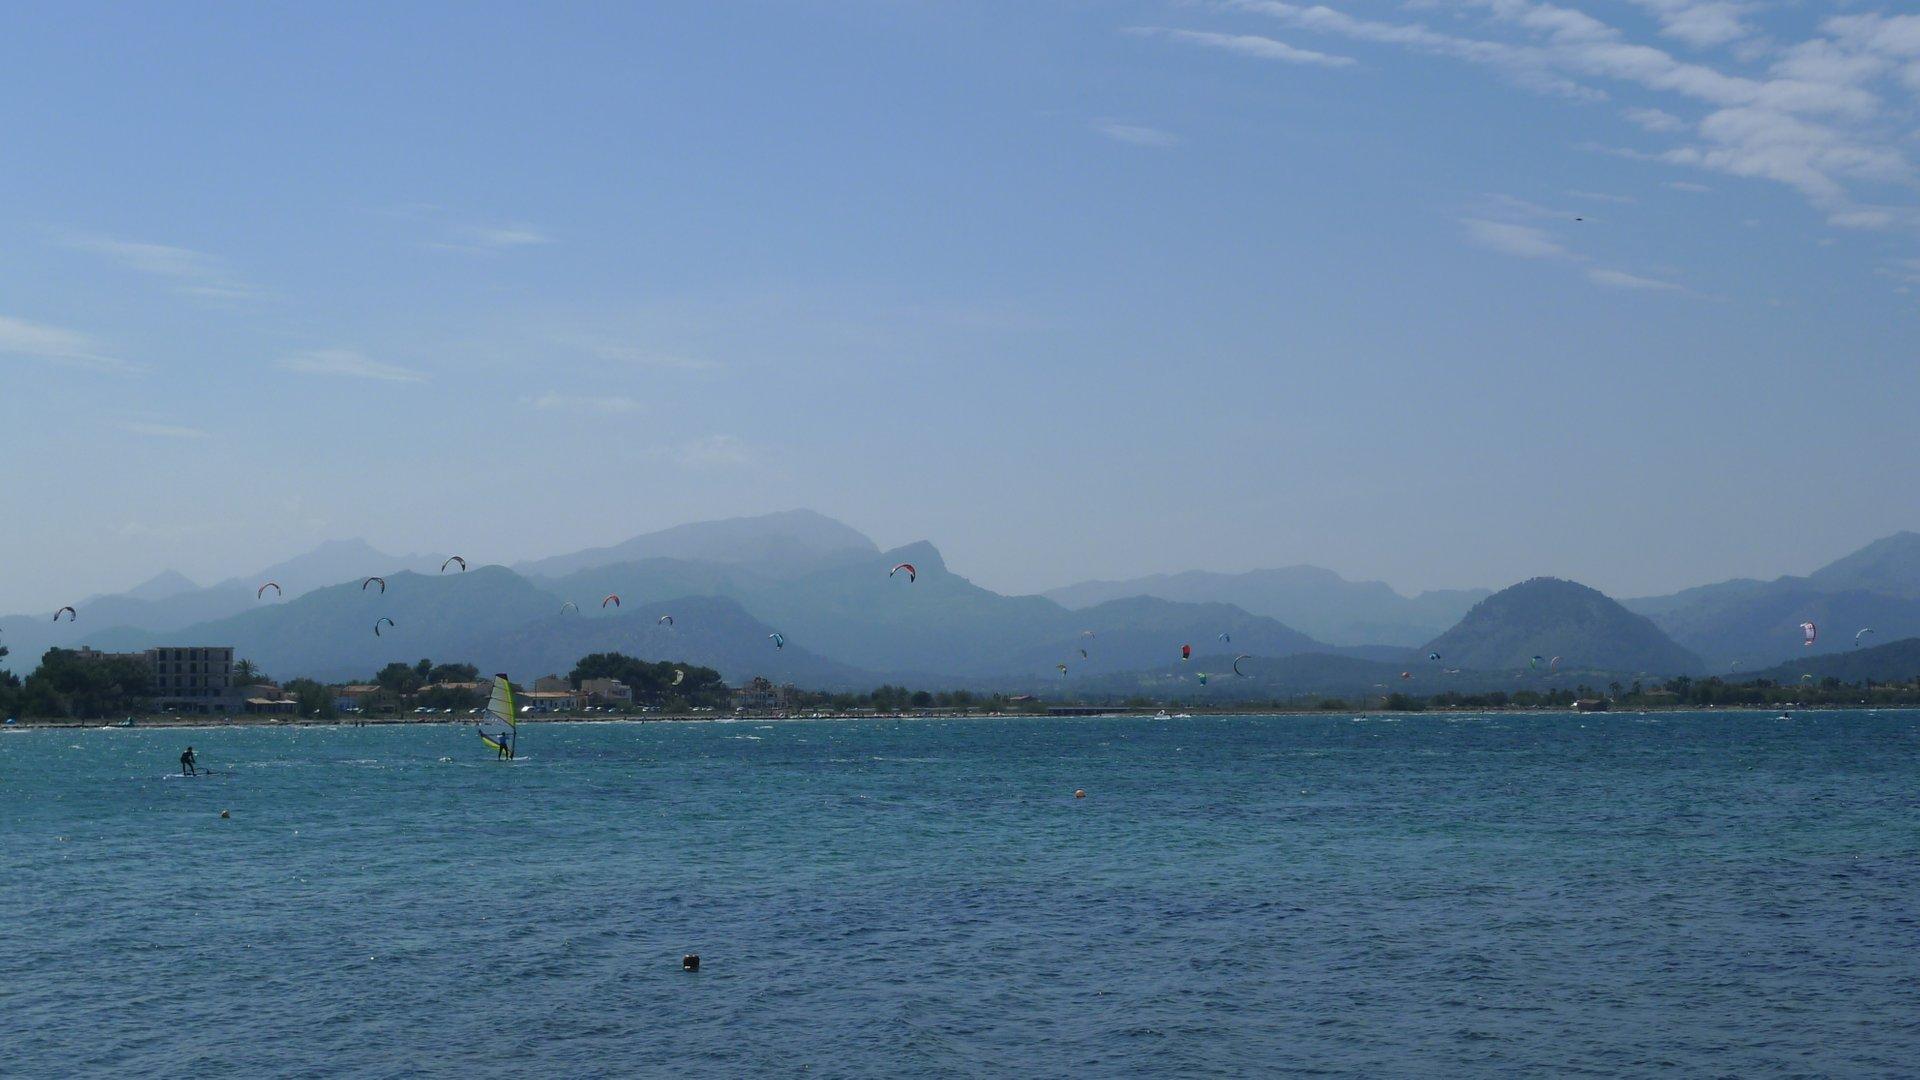 Sometimes Pollença Bay gets a bit crowded with kitesurfers 2020